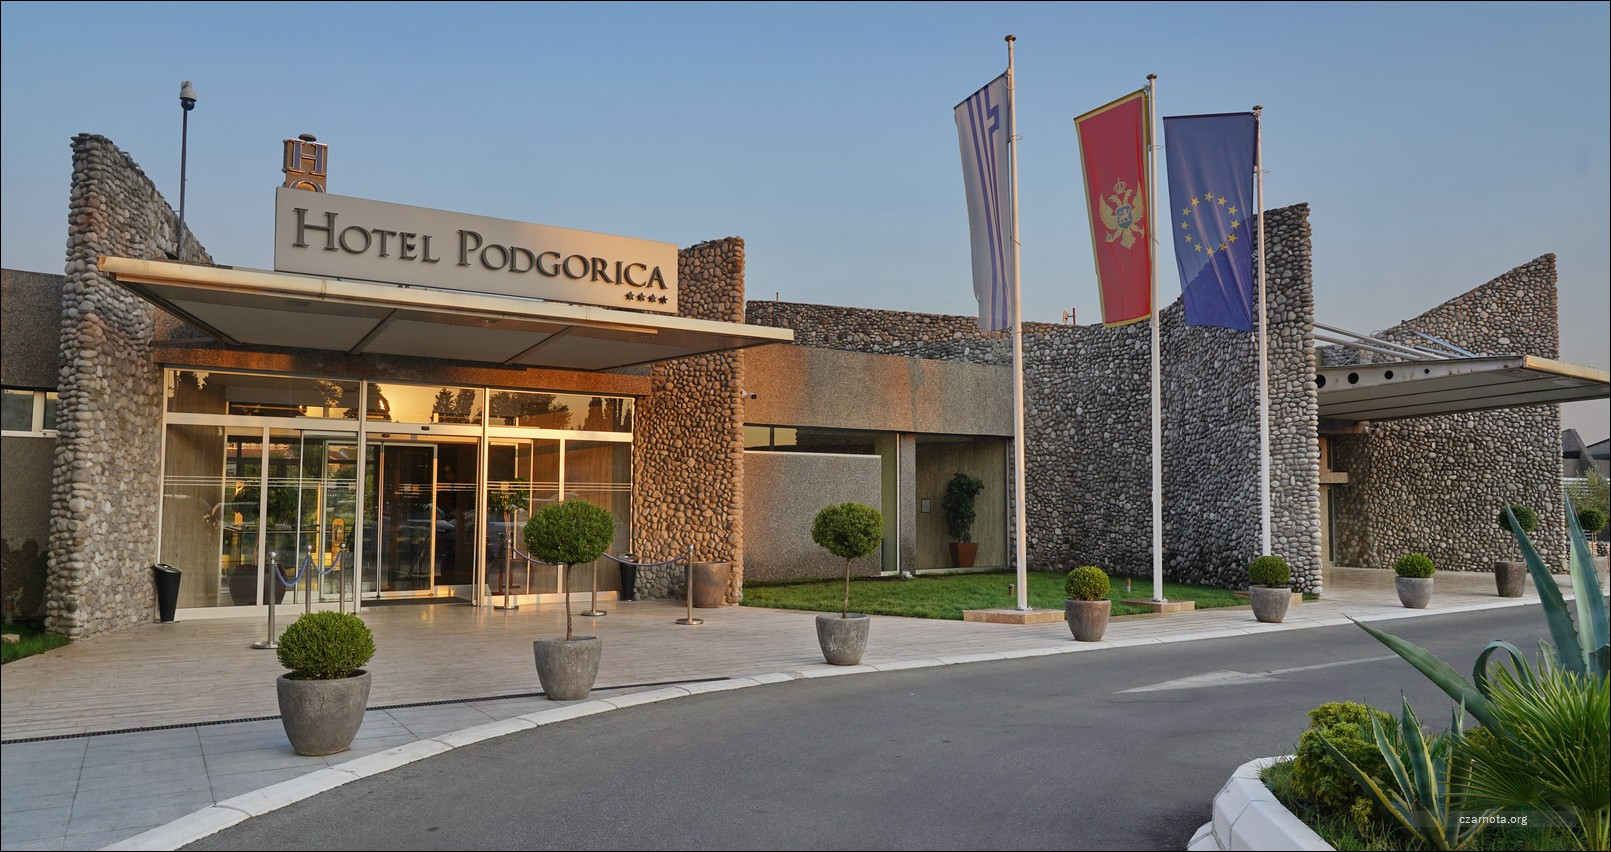 Jugosłowiański beton,  Montenegro, Czarnogoóra, Hotel Podgorica